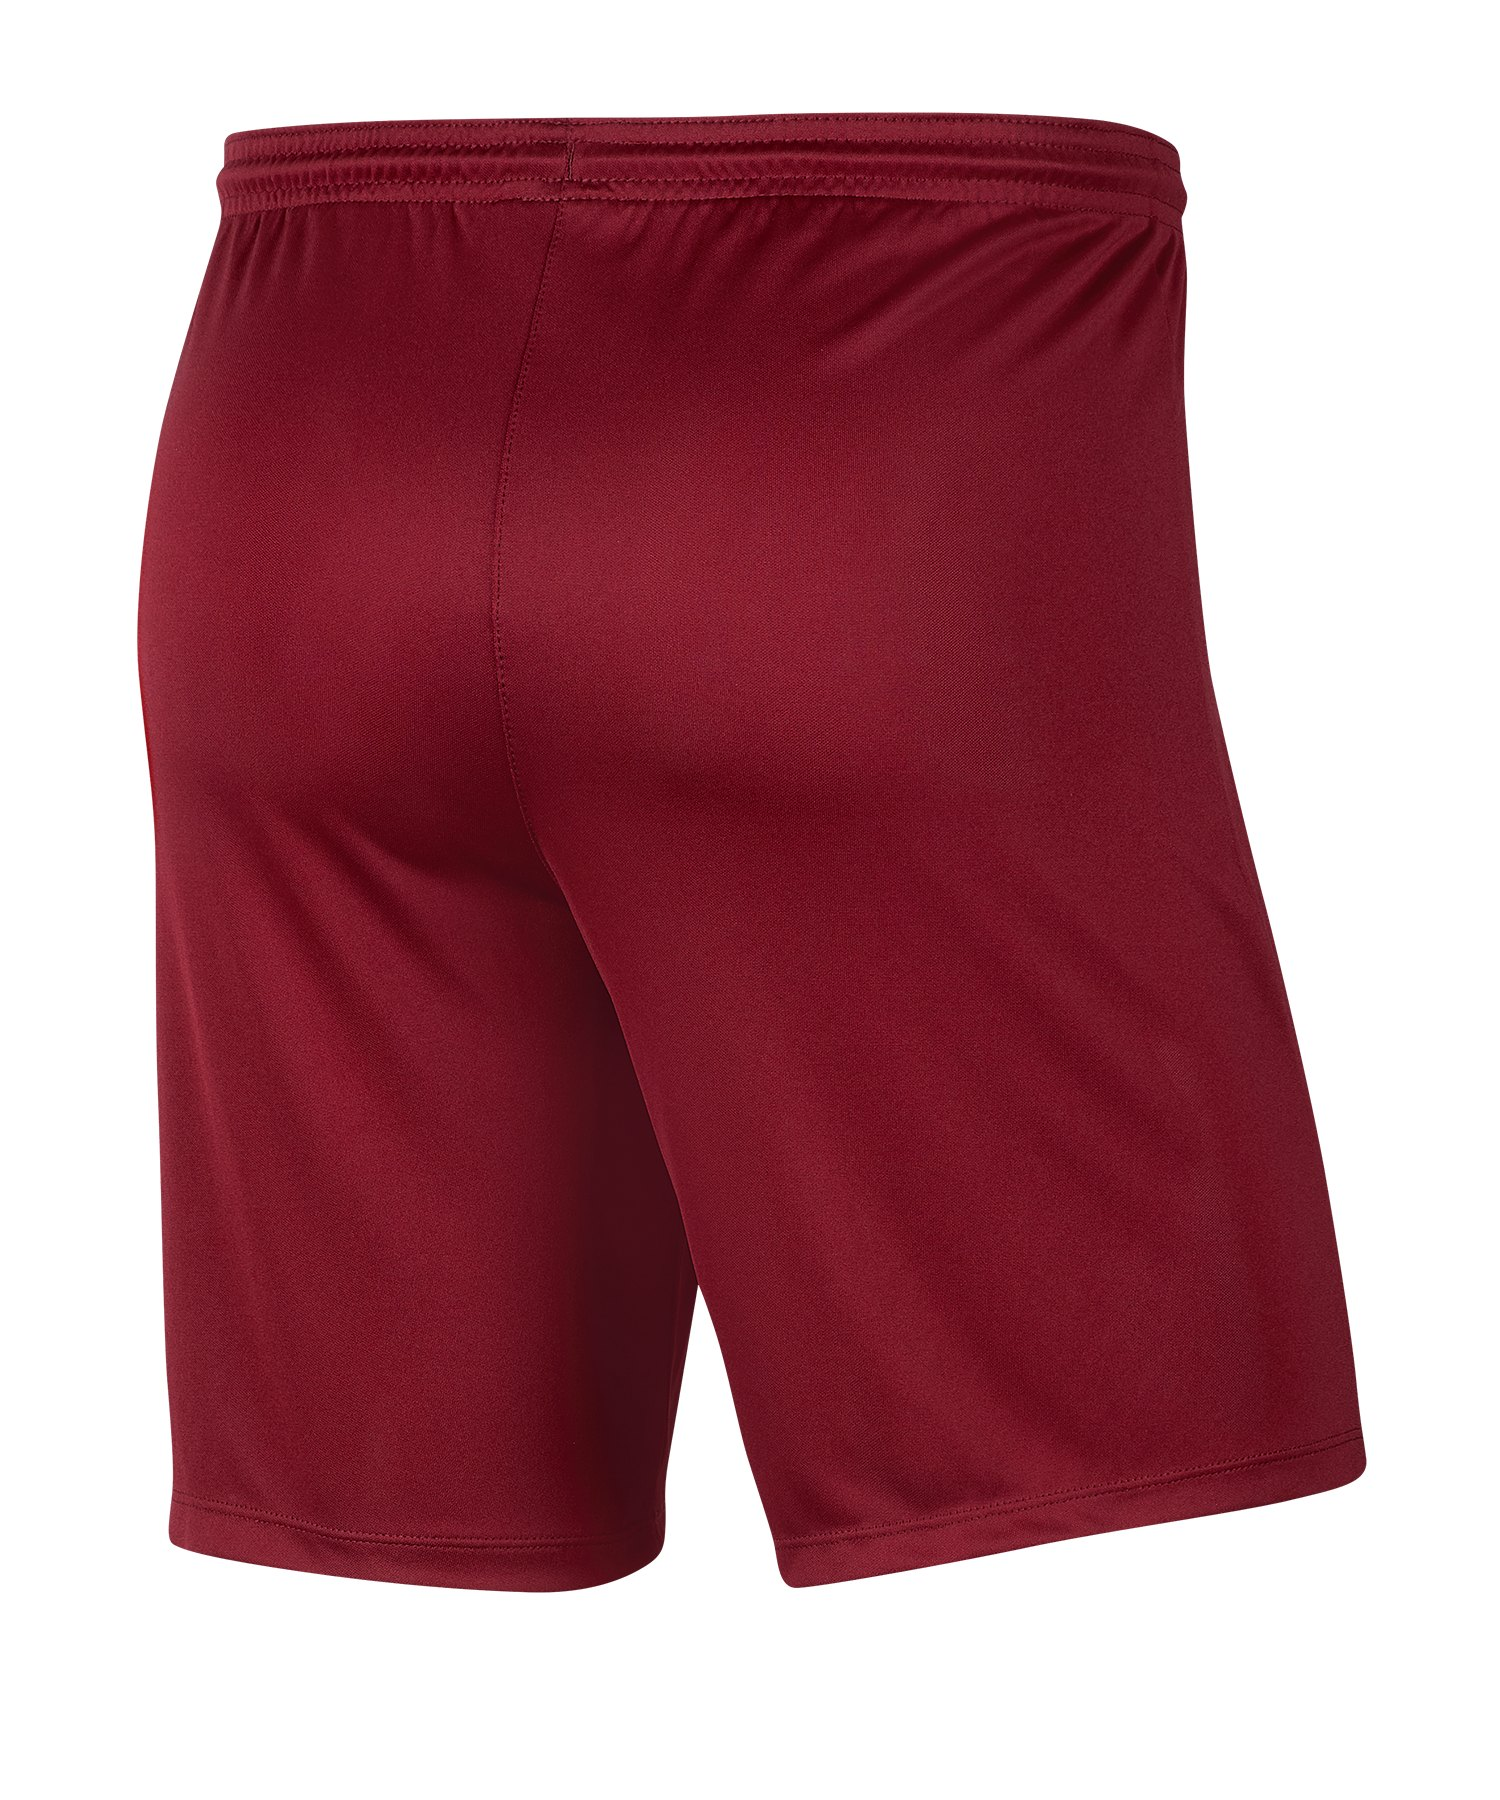 Nike Club 19 Fleece Short Grau F063